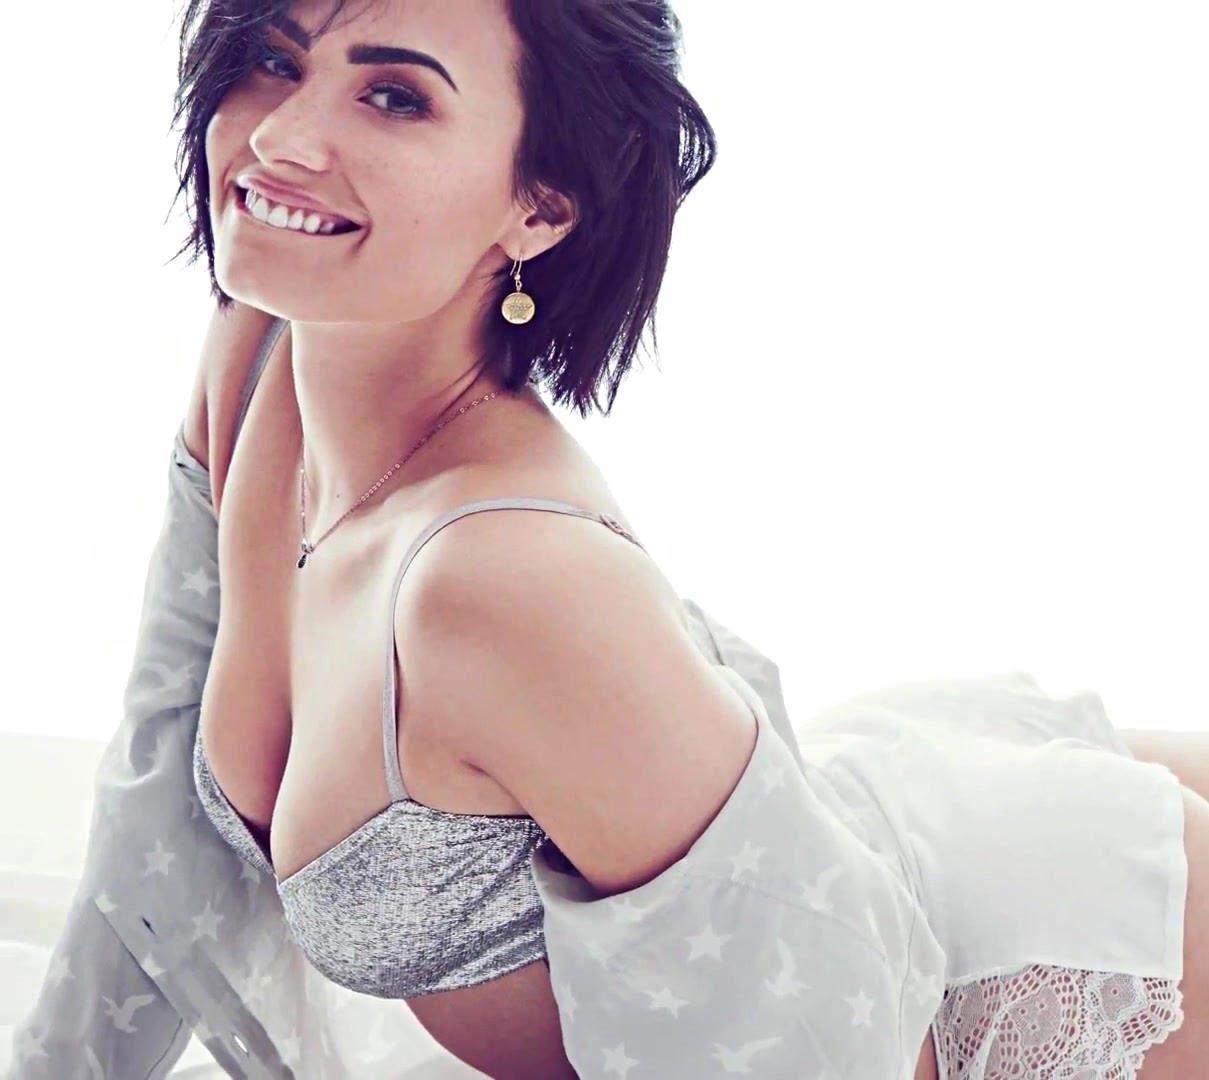 Demi Lovato Enloquece Las Redes Sociales Con Sexis